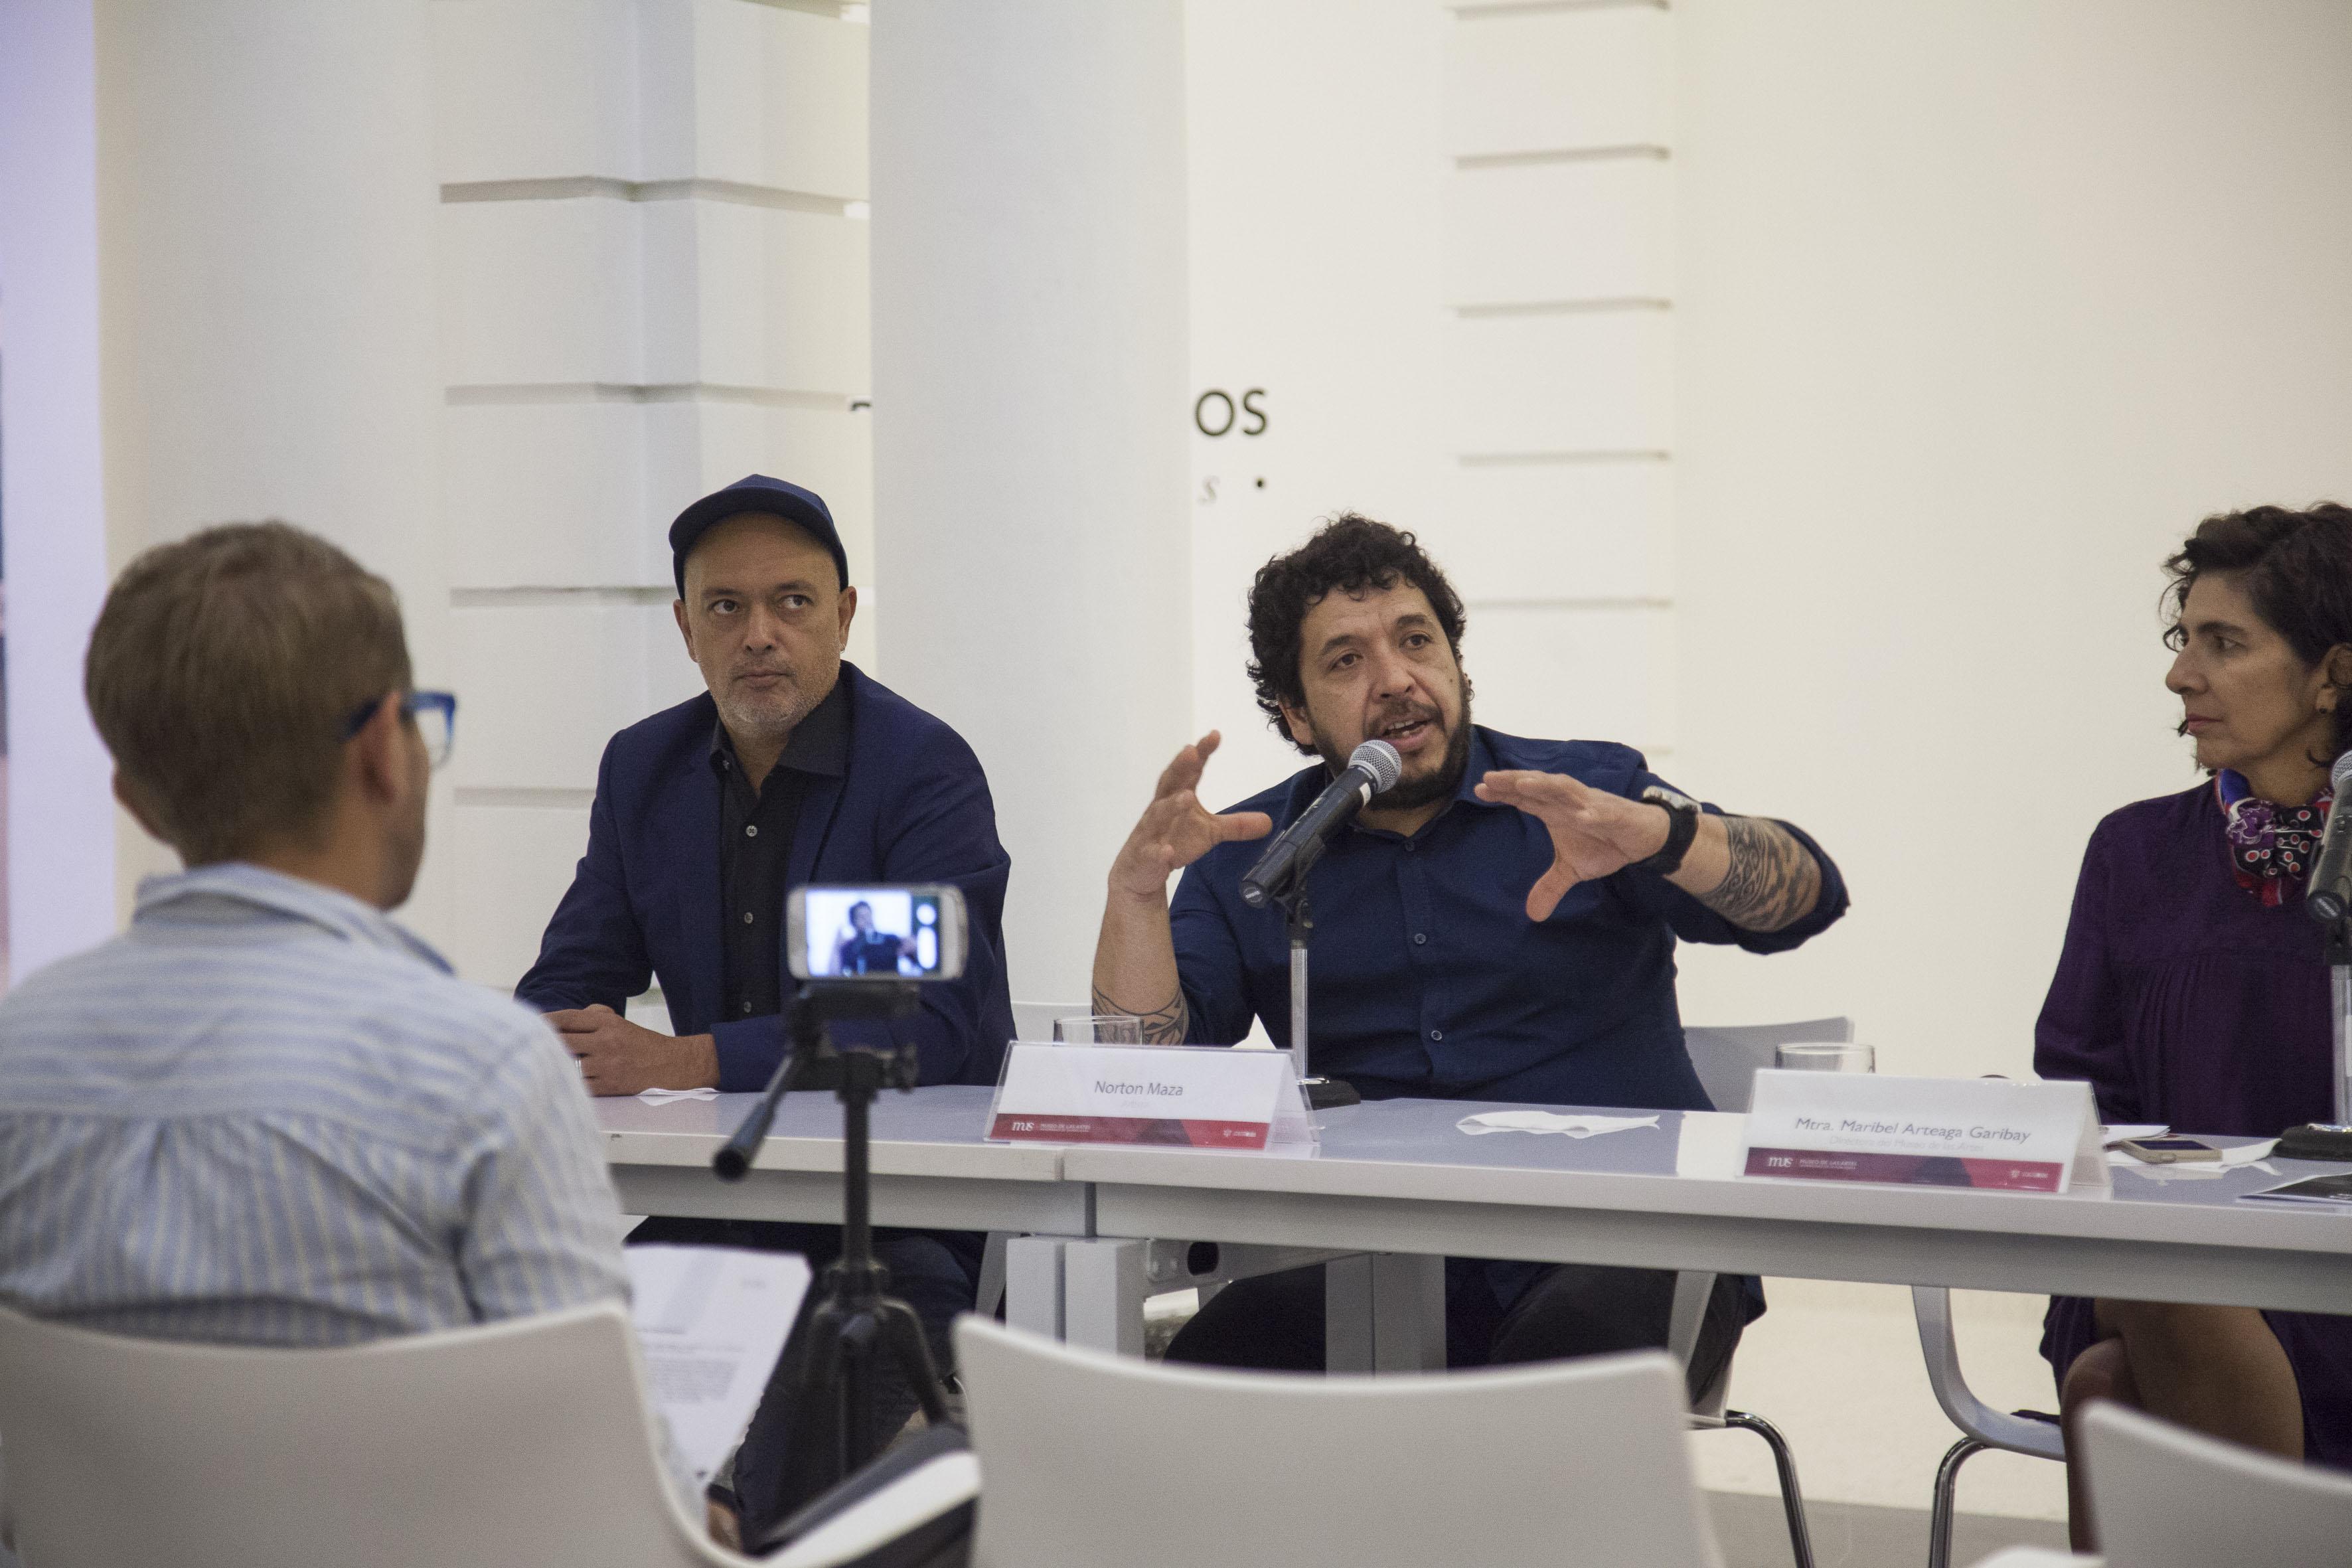 Artista chileno Norton Maza hará una residencia artística, del 12 de septiembre al 18 de octubre